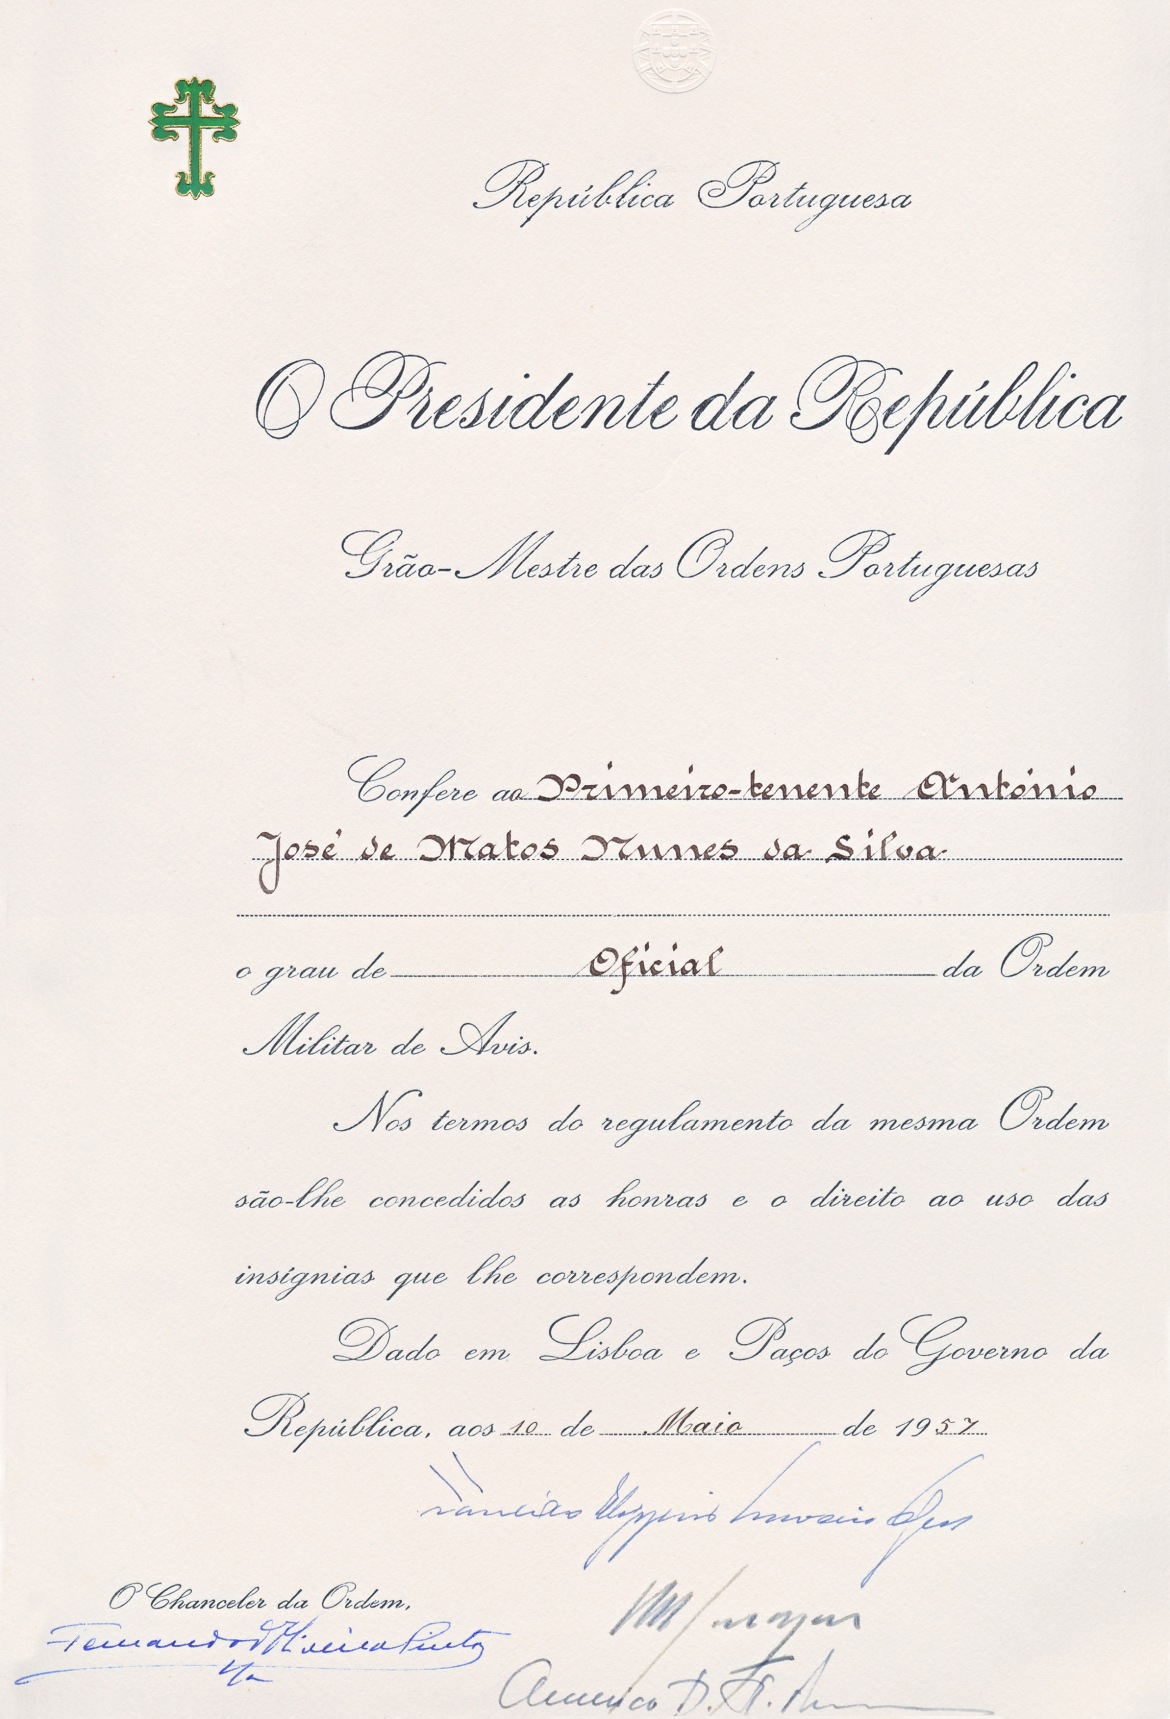 00320 957-05-10 Diploma da minha 1ª condecoração - Oficial da Ordem de Aviz -face